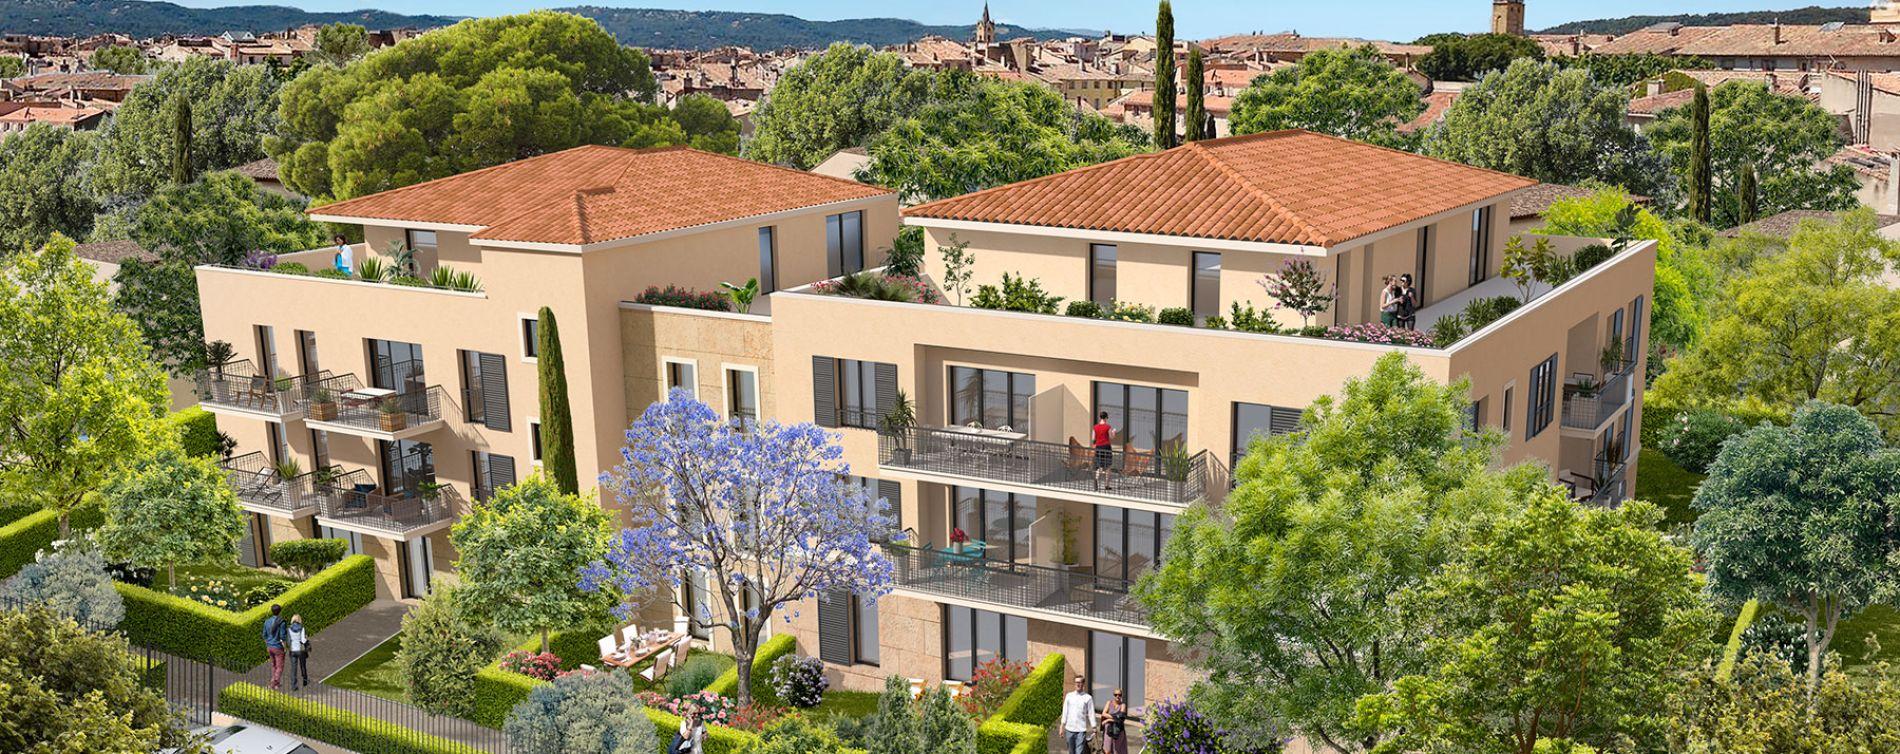 Résidence Cœur Aixois à Aix-en-Provence